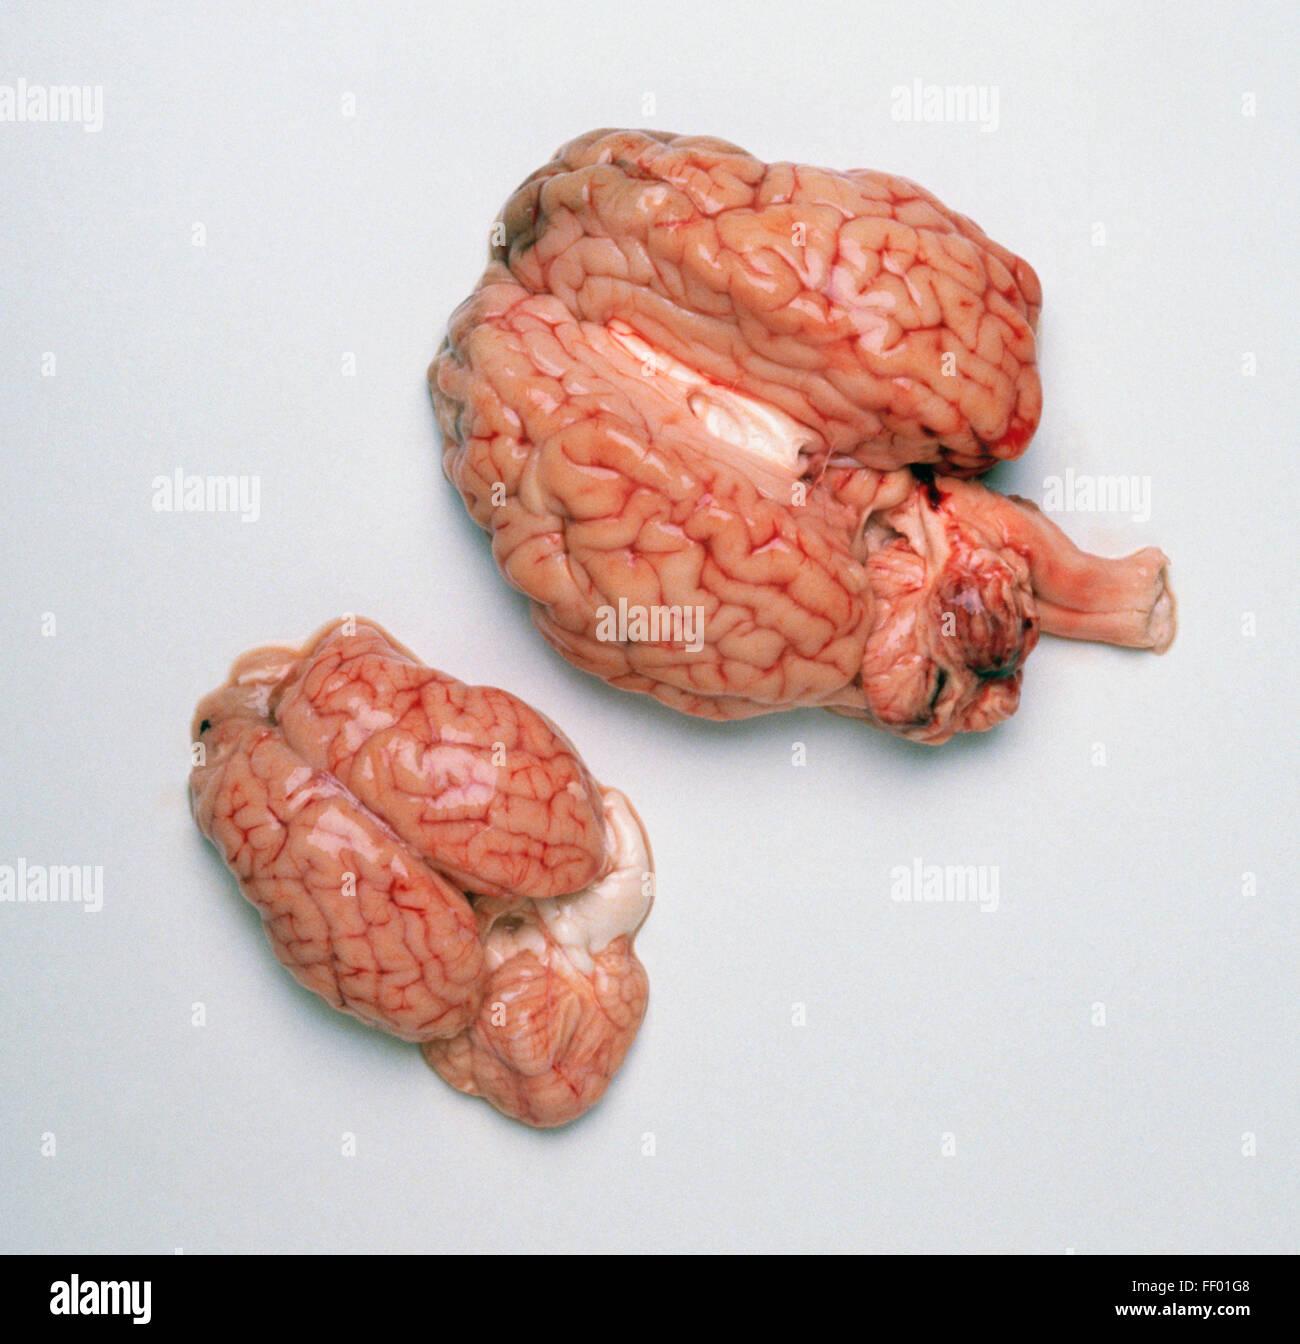 Calf Brain Stock Photos & Calf Brain Stock Images - Alamy